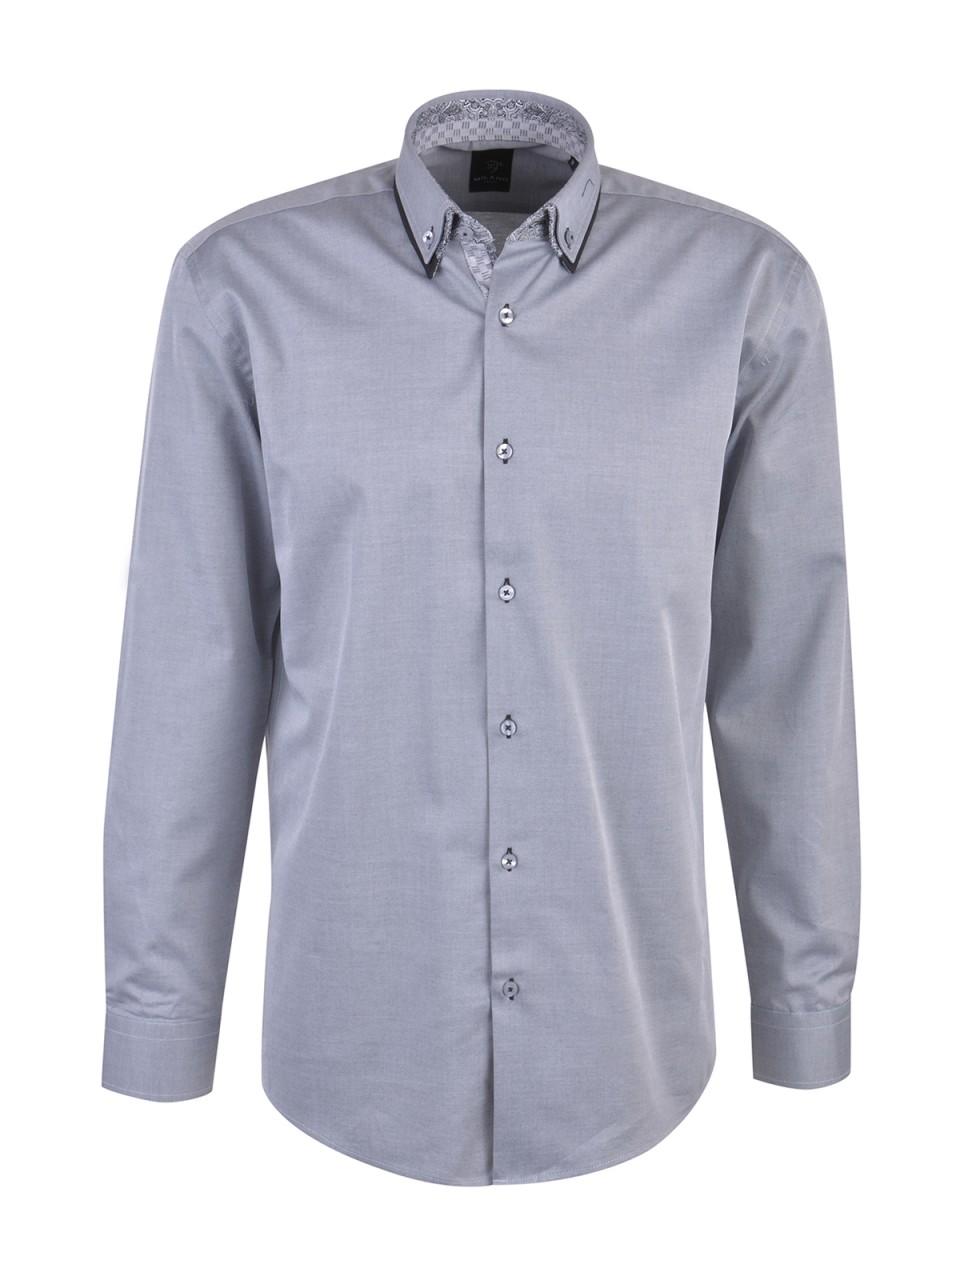 milano-italy-herren-hemd-grau